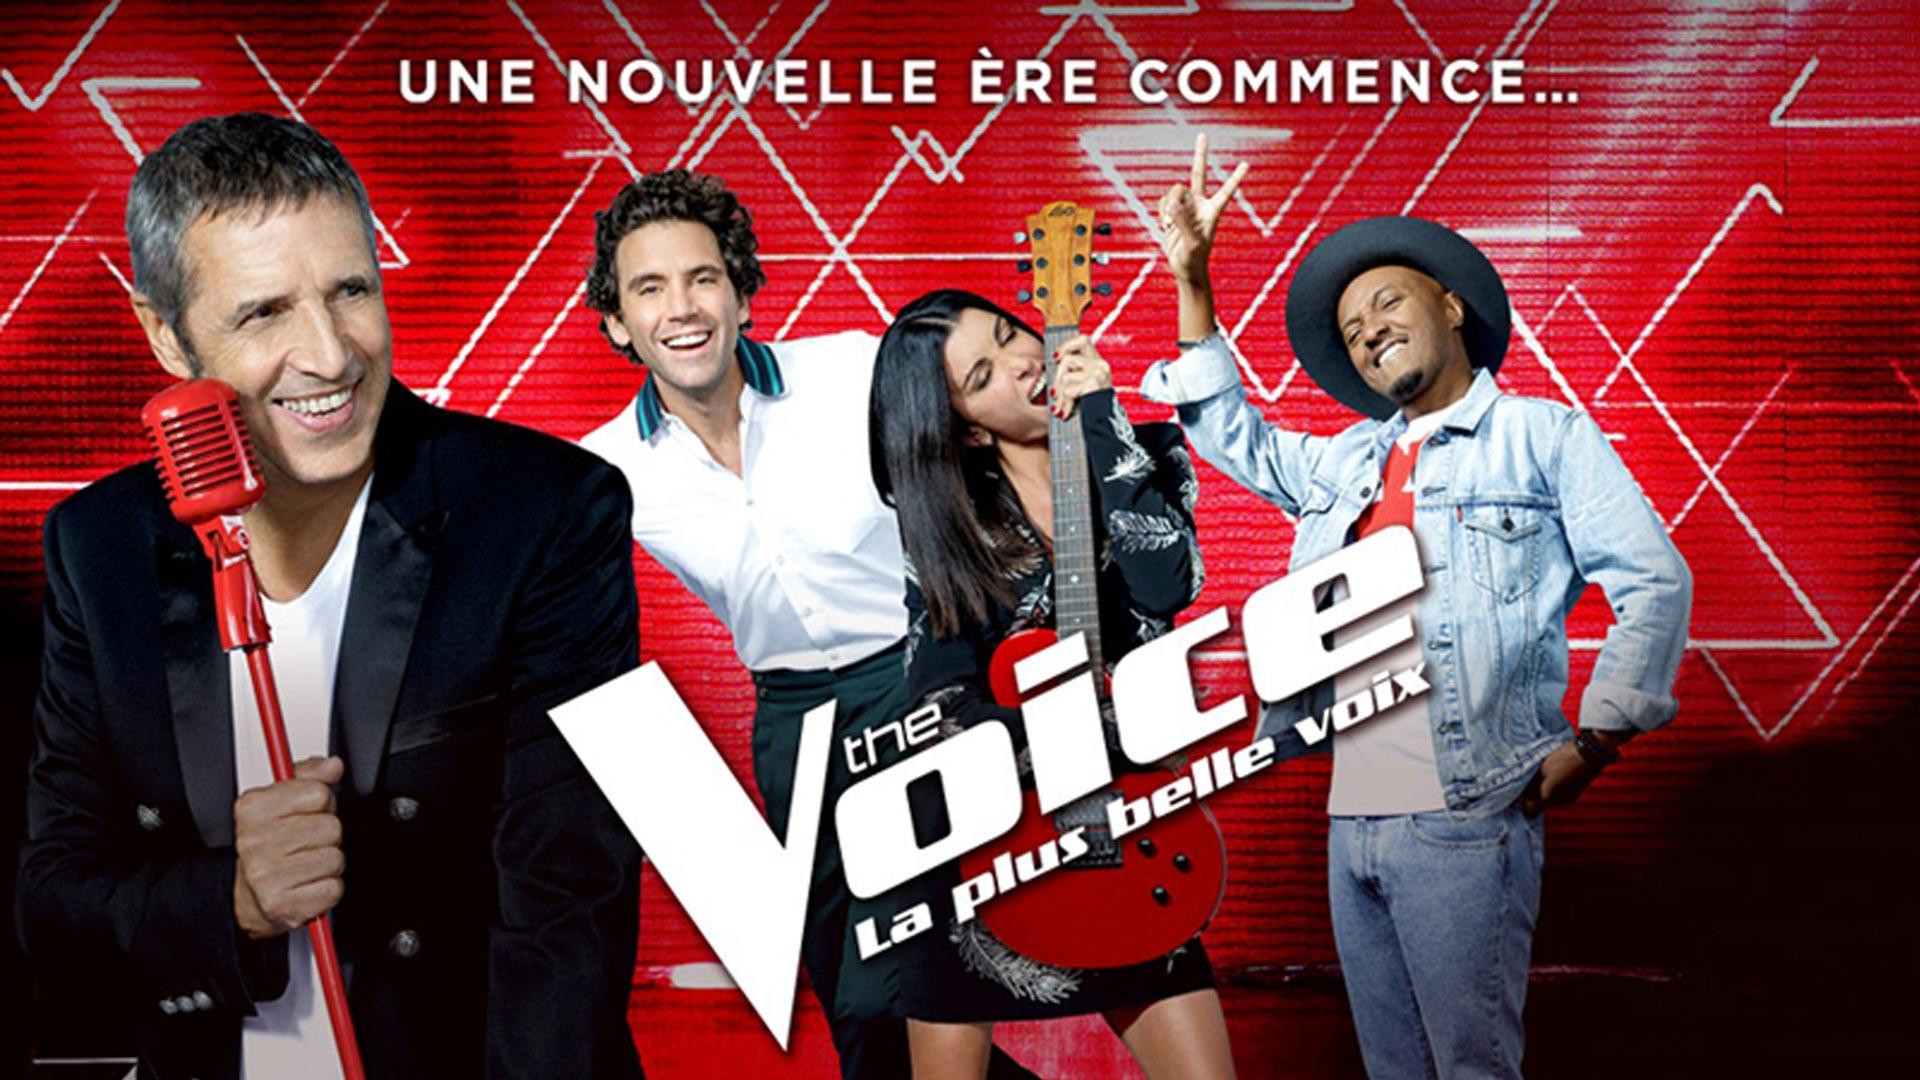 Visuel des événements pour la saison 8 de The Voice, La plus belle voix